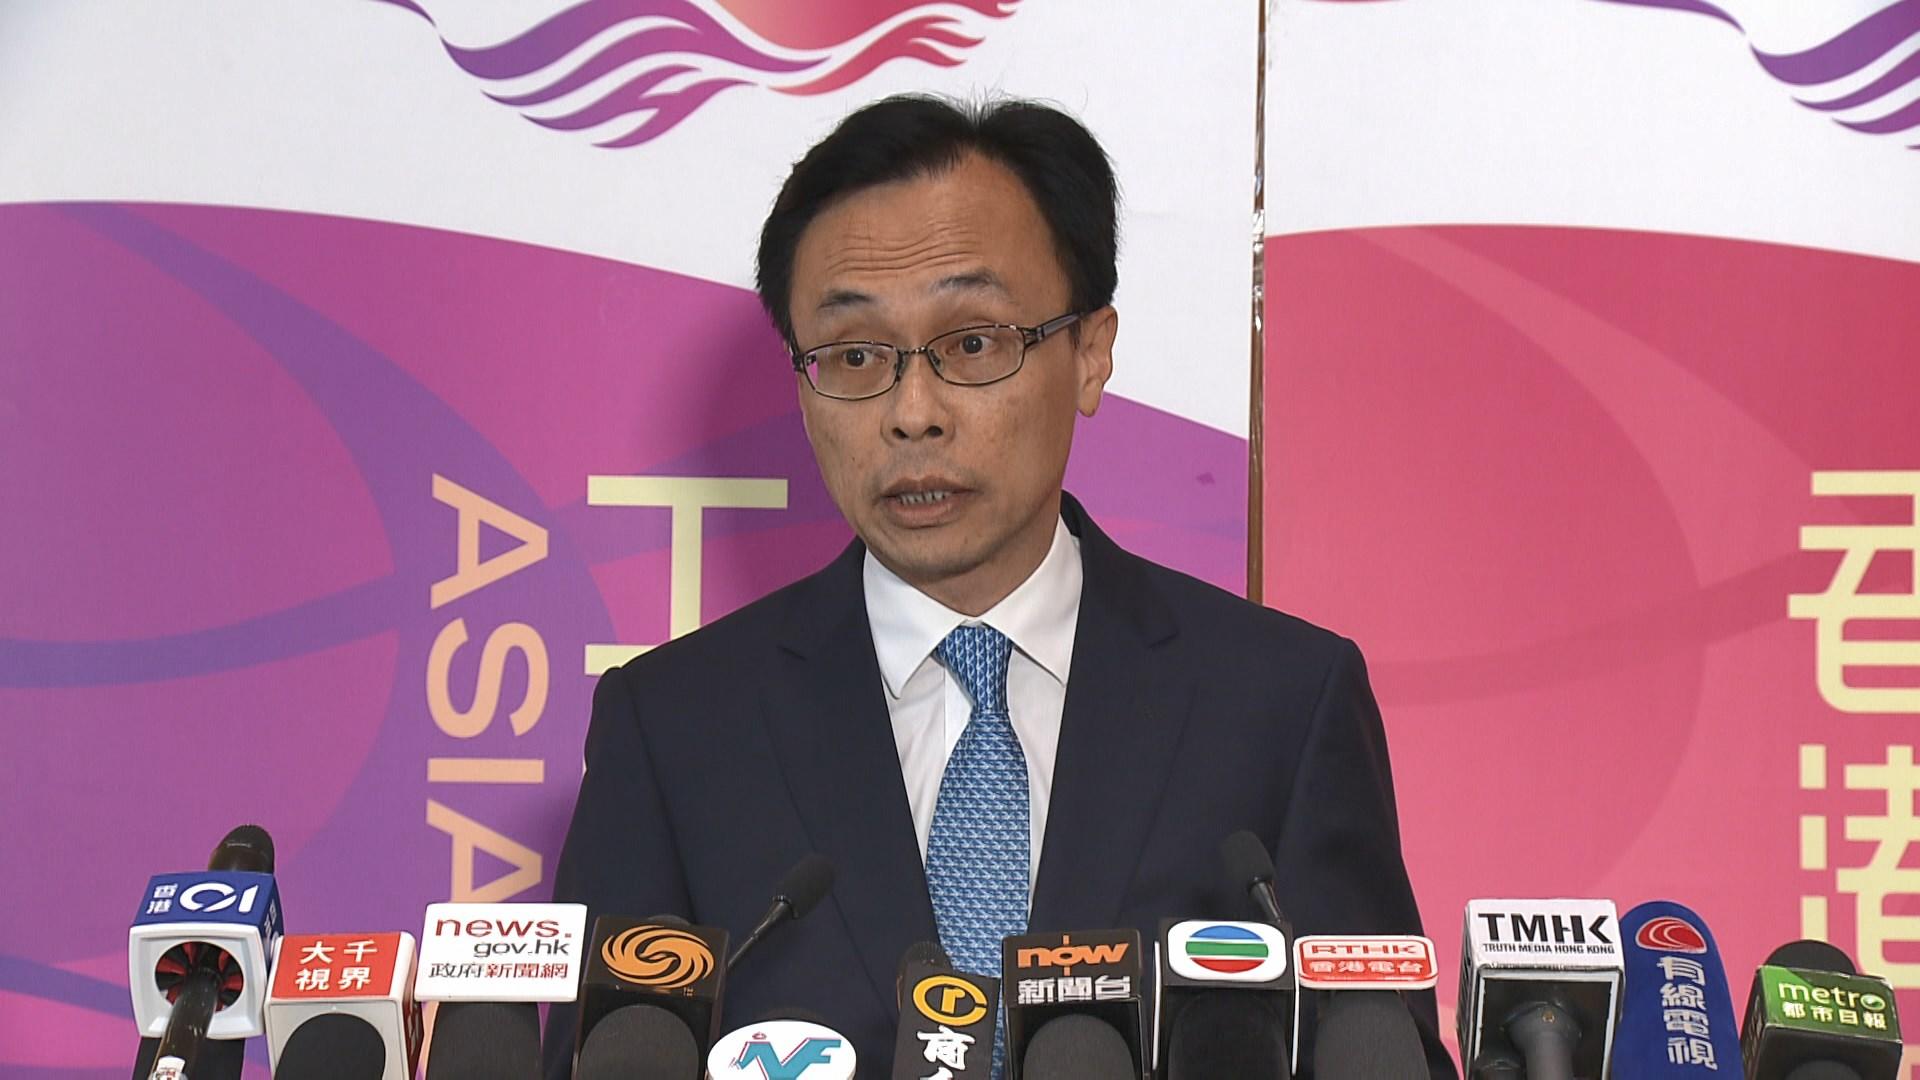 聶德權:區議會選舉盡量落實調查報告建議